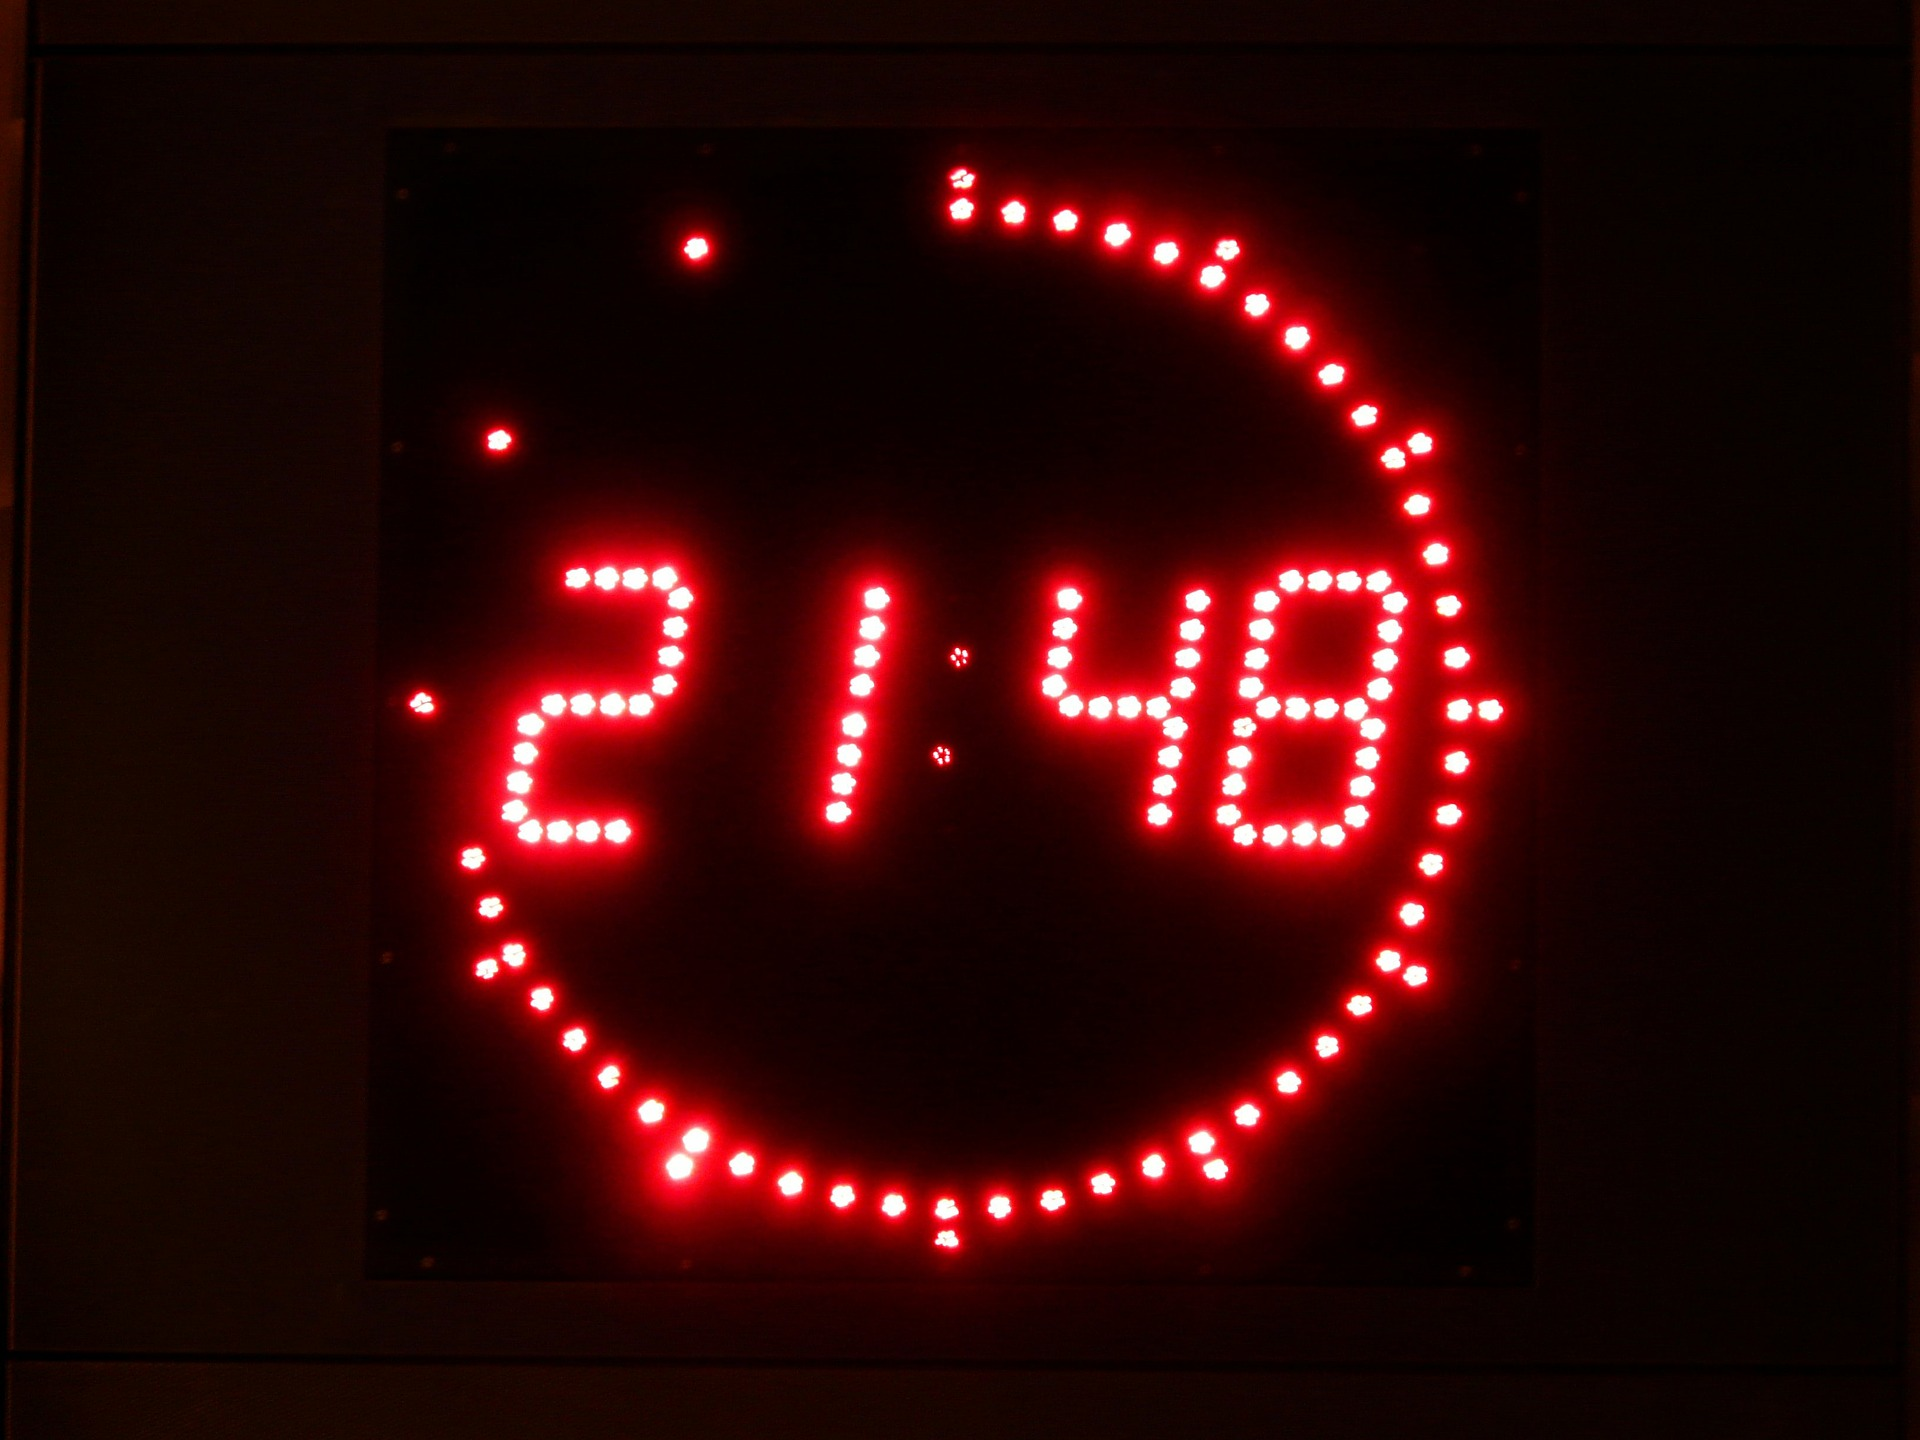 digital-clock-5689_1920